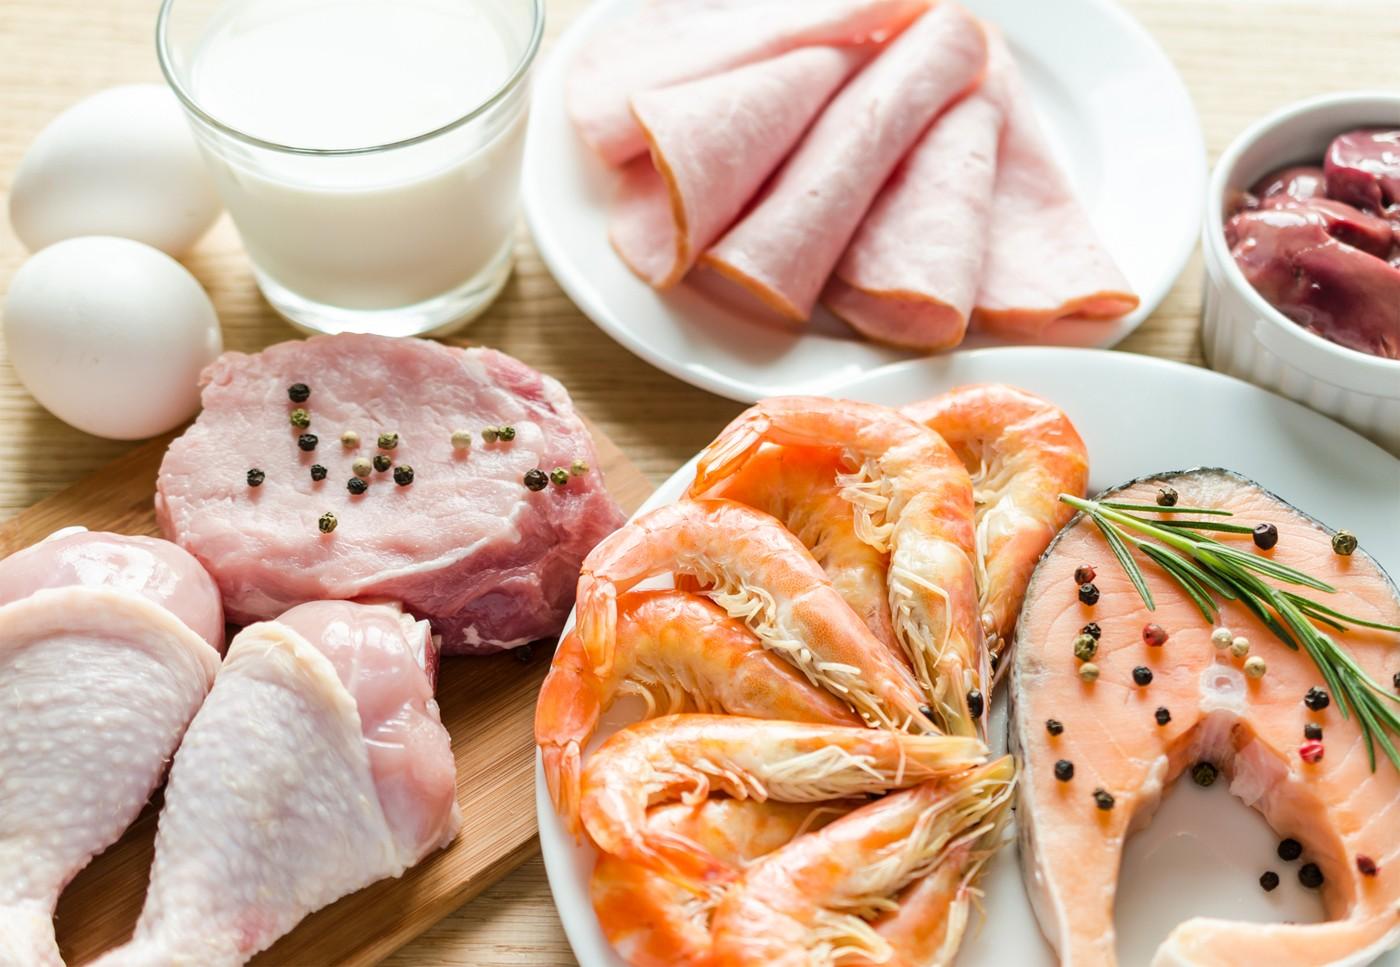 Низкоуглеводная диета меню на неделю, гипоуглеводные продукты для похудения для женщин